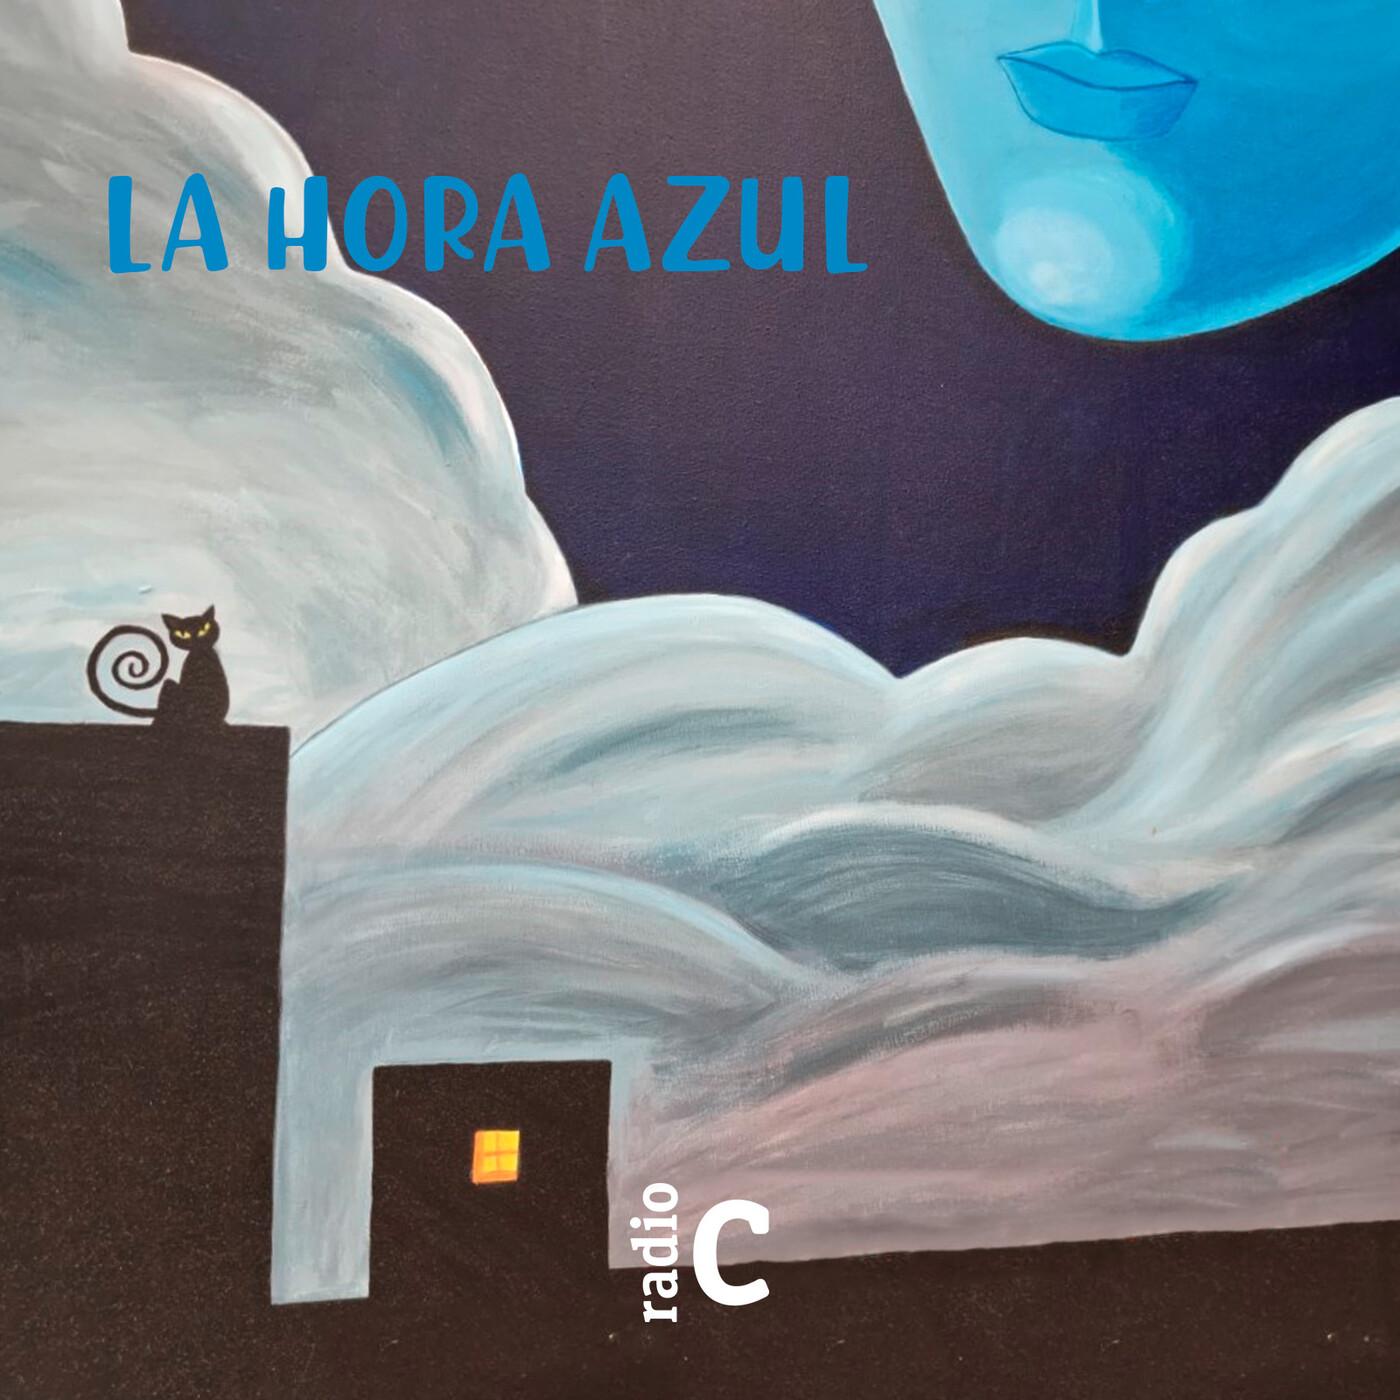 La hora azul - Paisajes imperfectos, cielo verde - 19/10/20